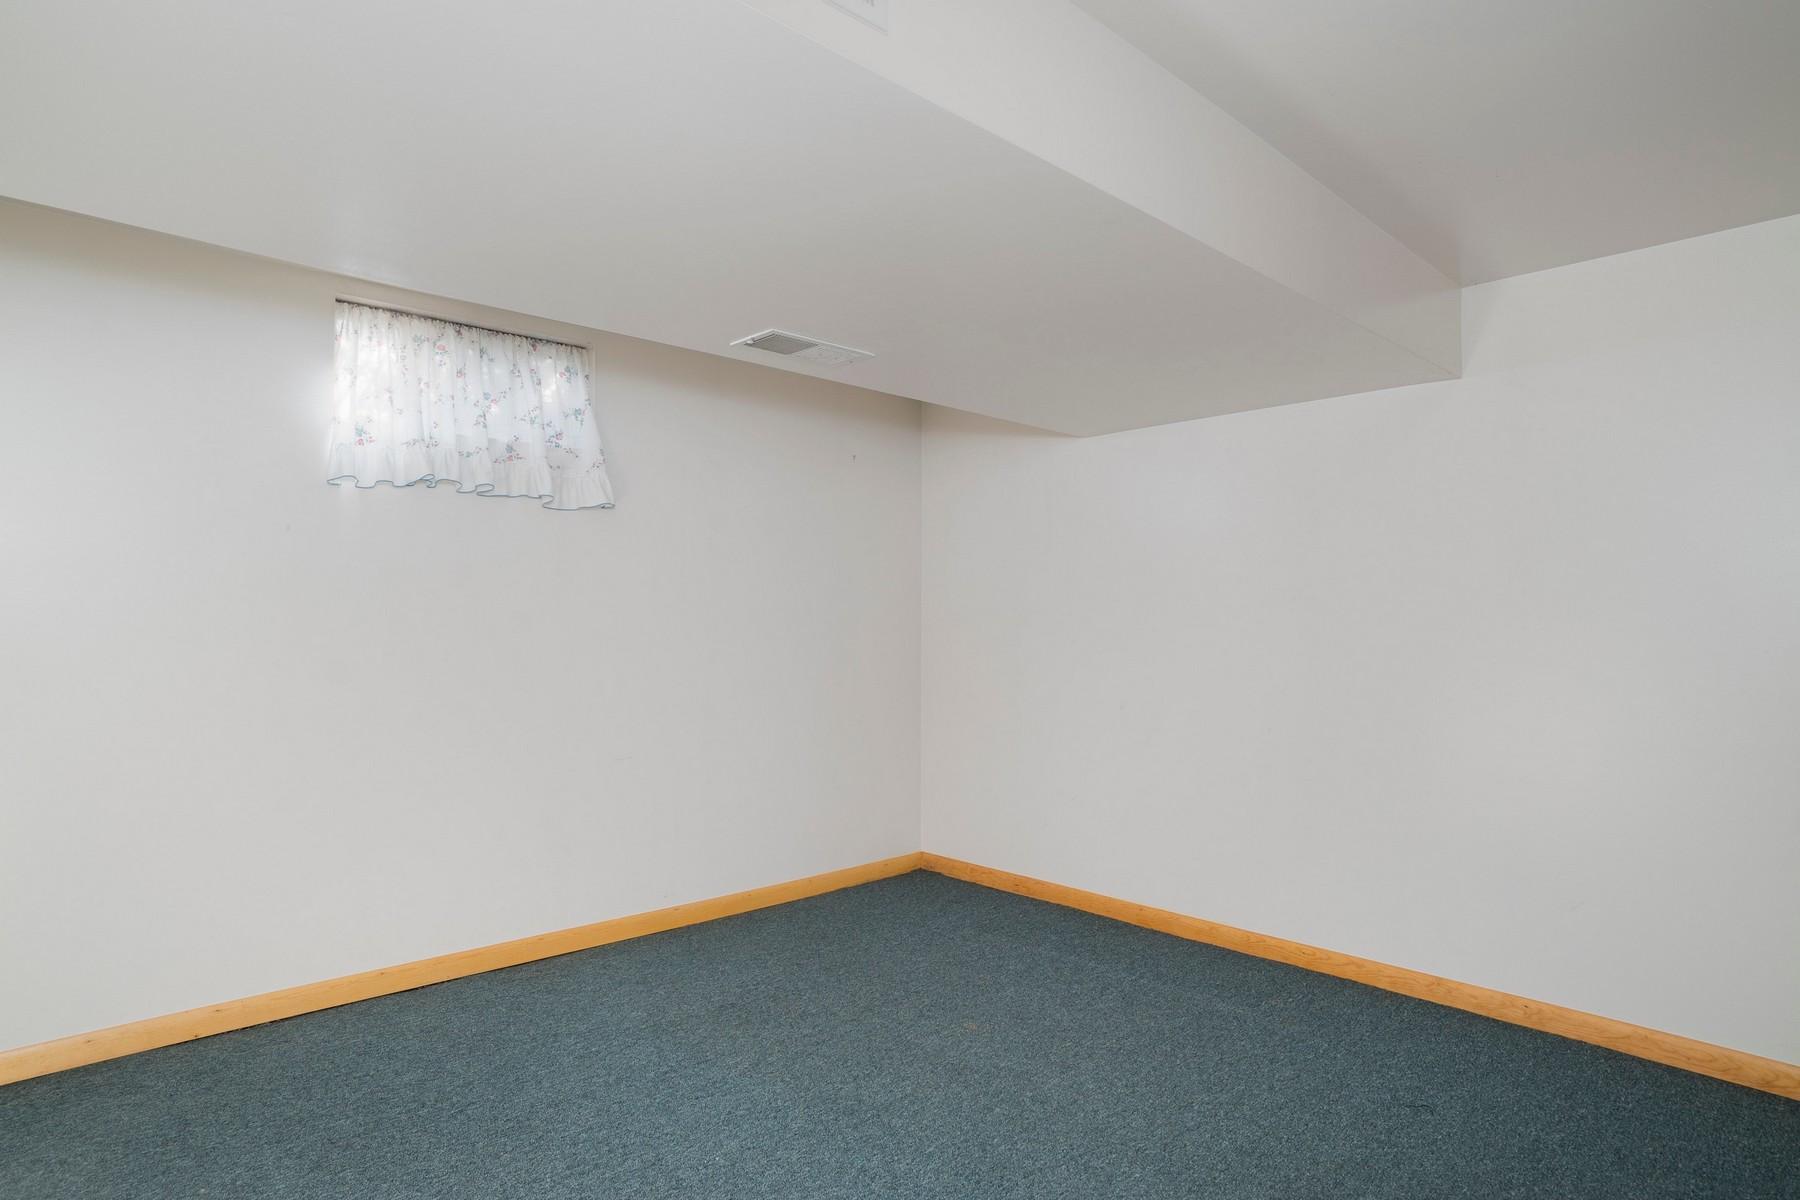 Additional photo for property listing at GiGi's Home 974  Lawrence Ave Aurora, Nueva York 14052 Estados Unidos